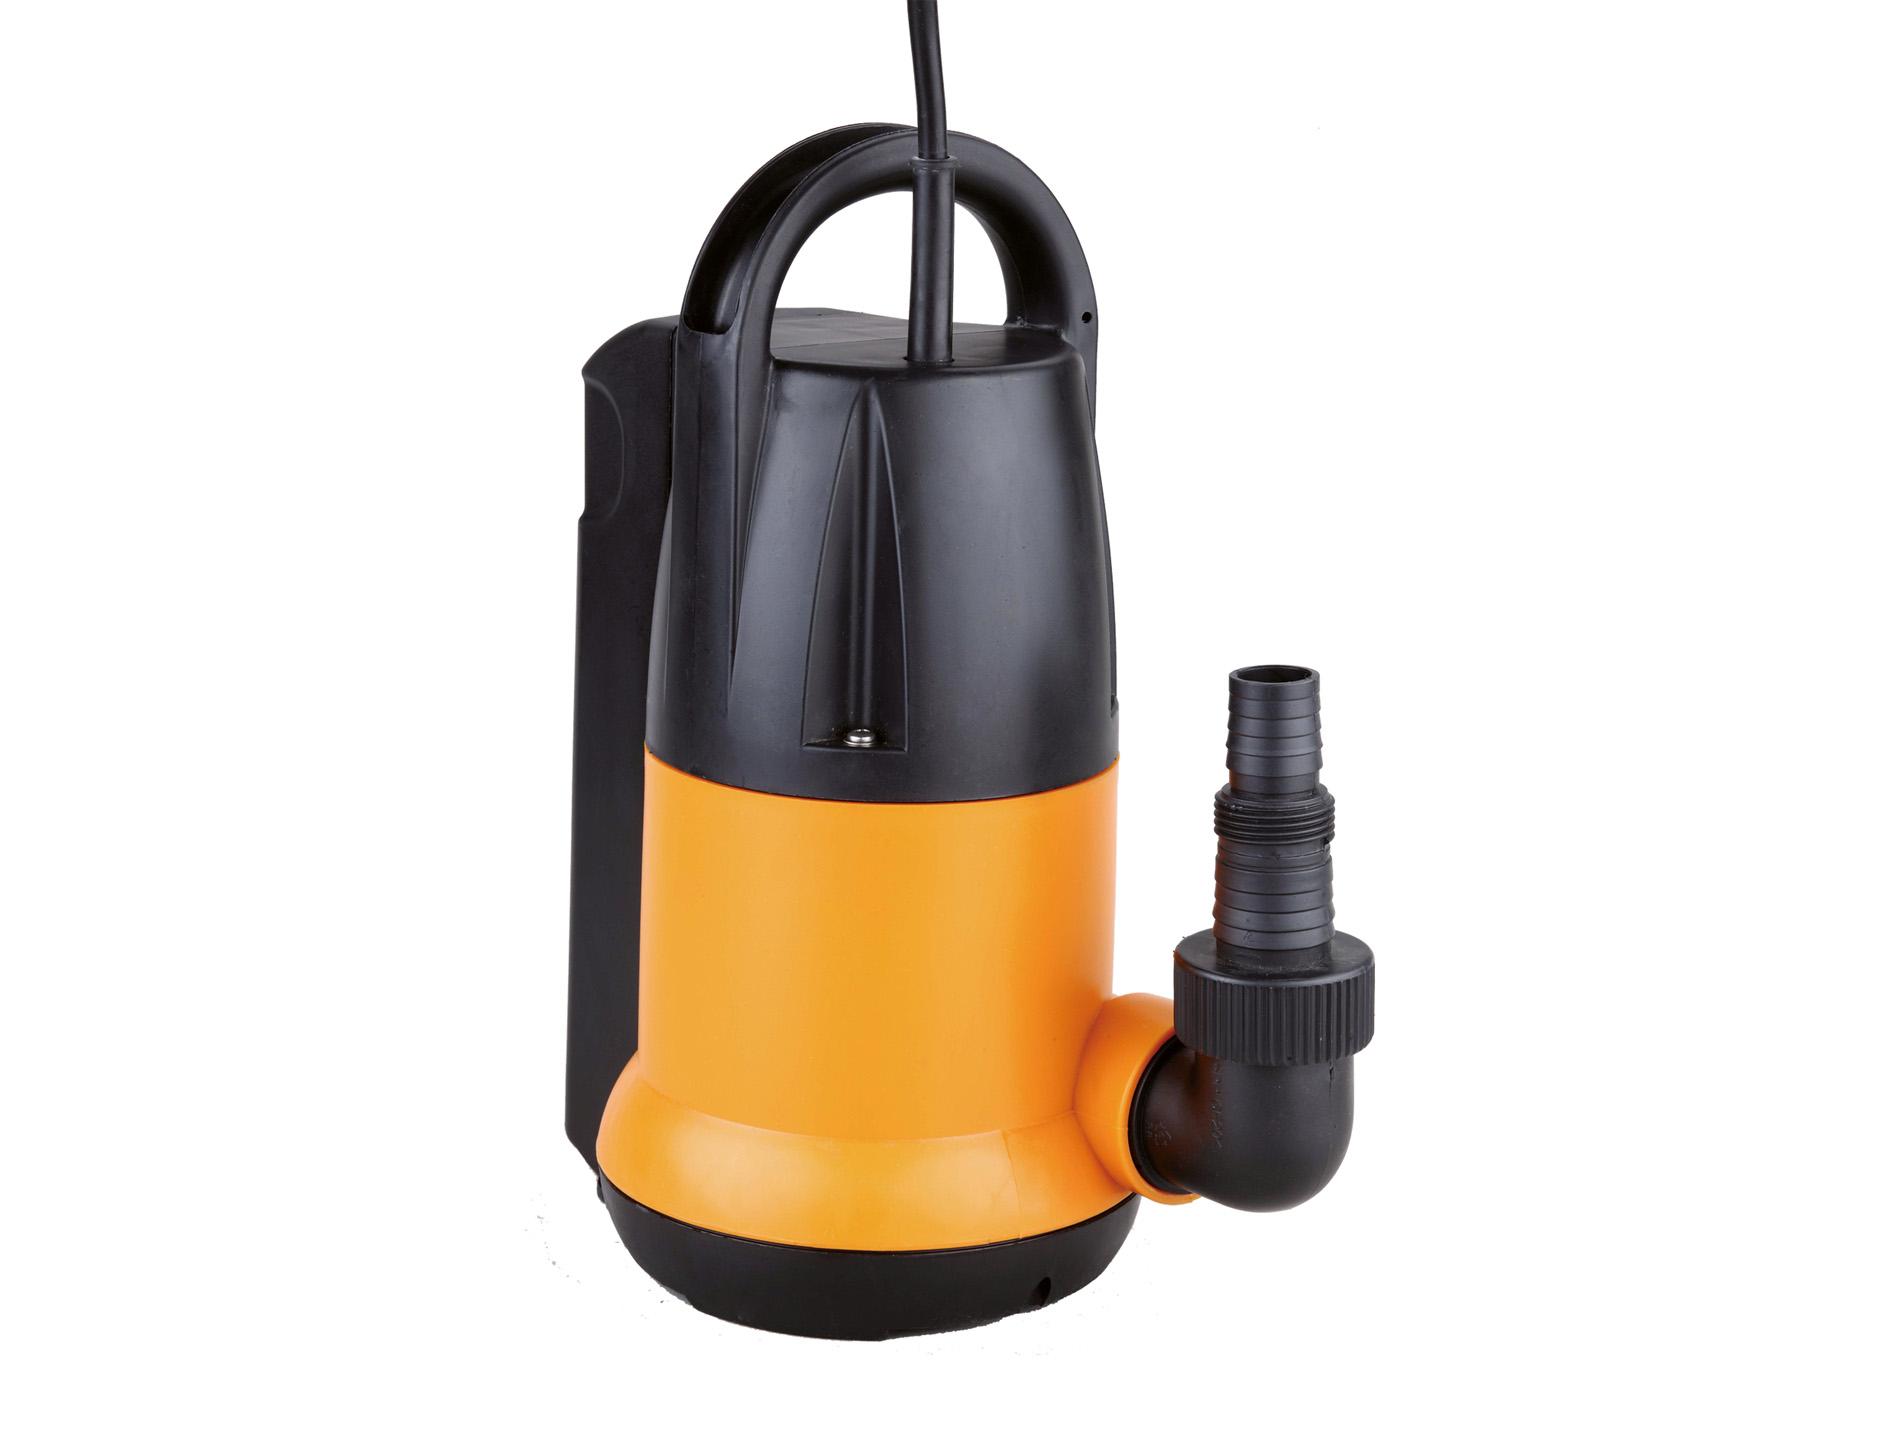 pompe vide cave eau claire 550w. Black Bedroom Furniture Sets. Home Design Ideas